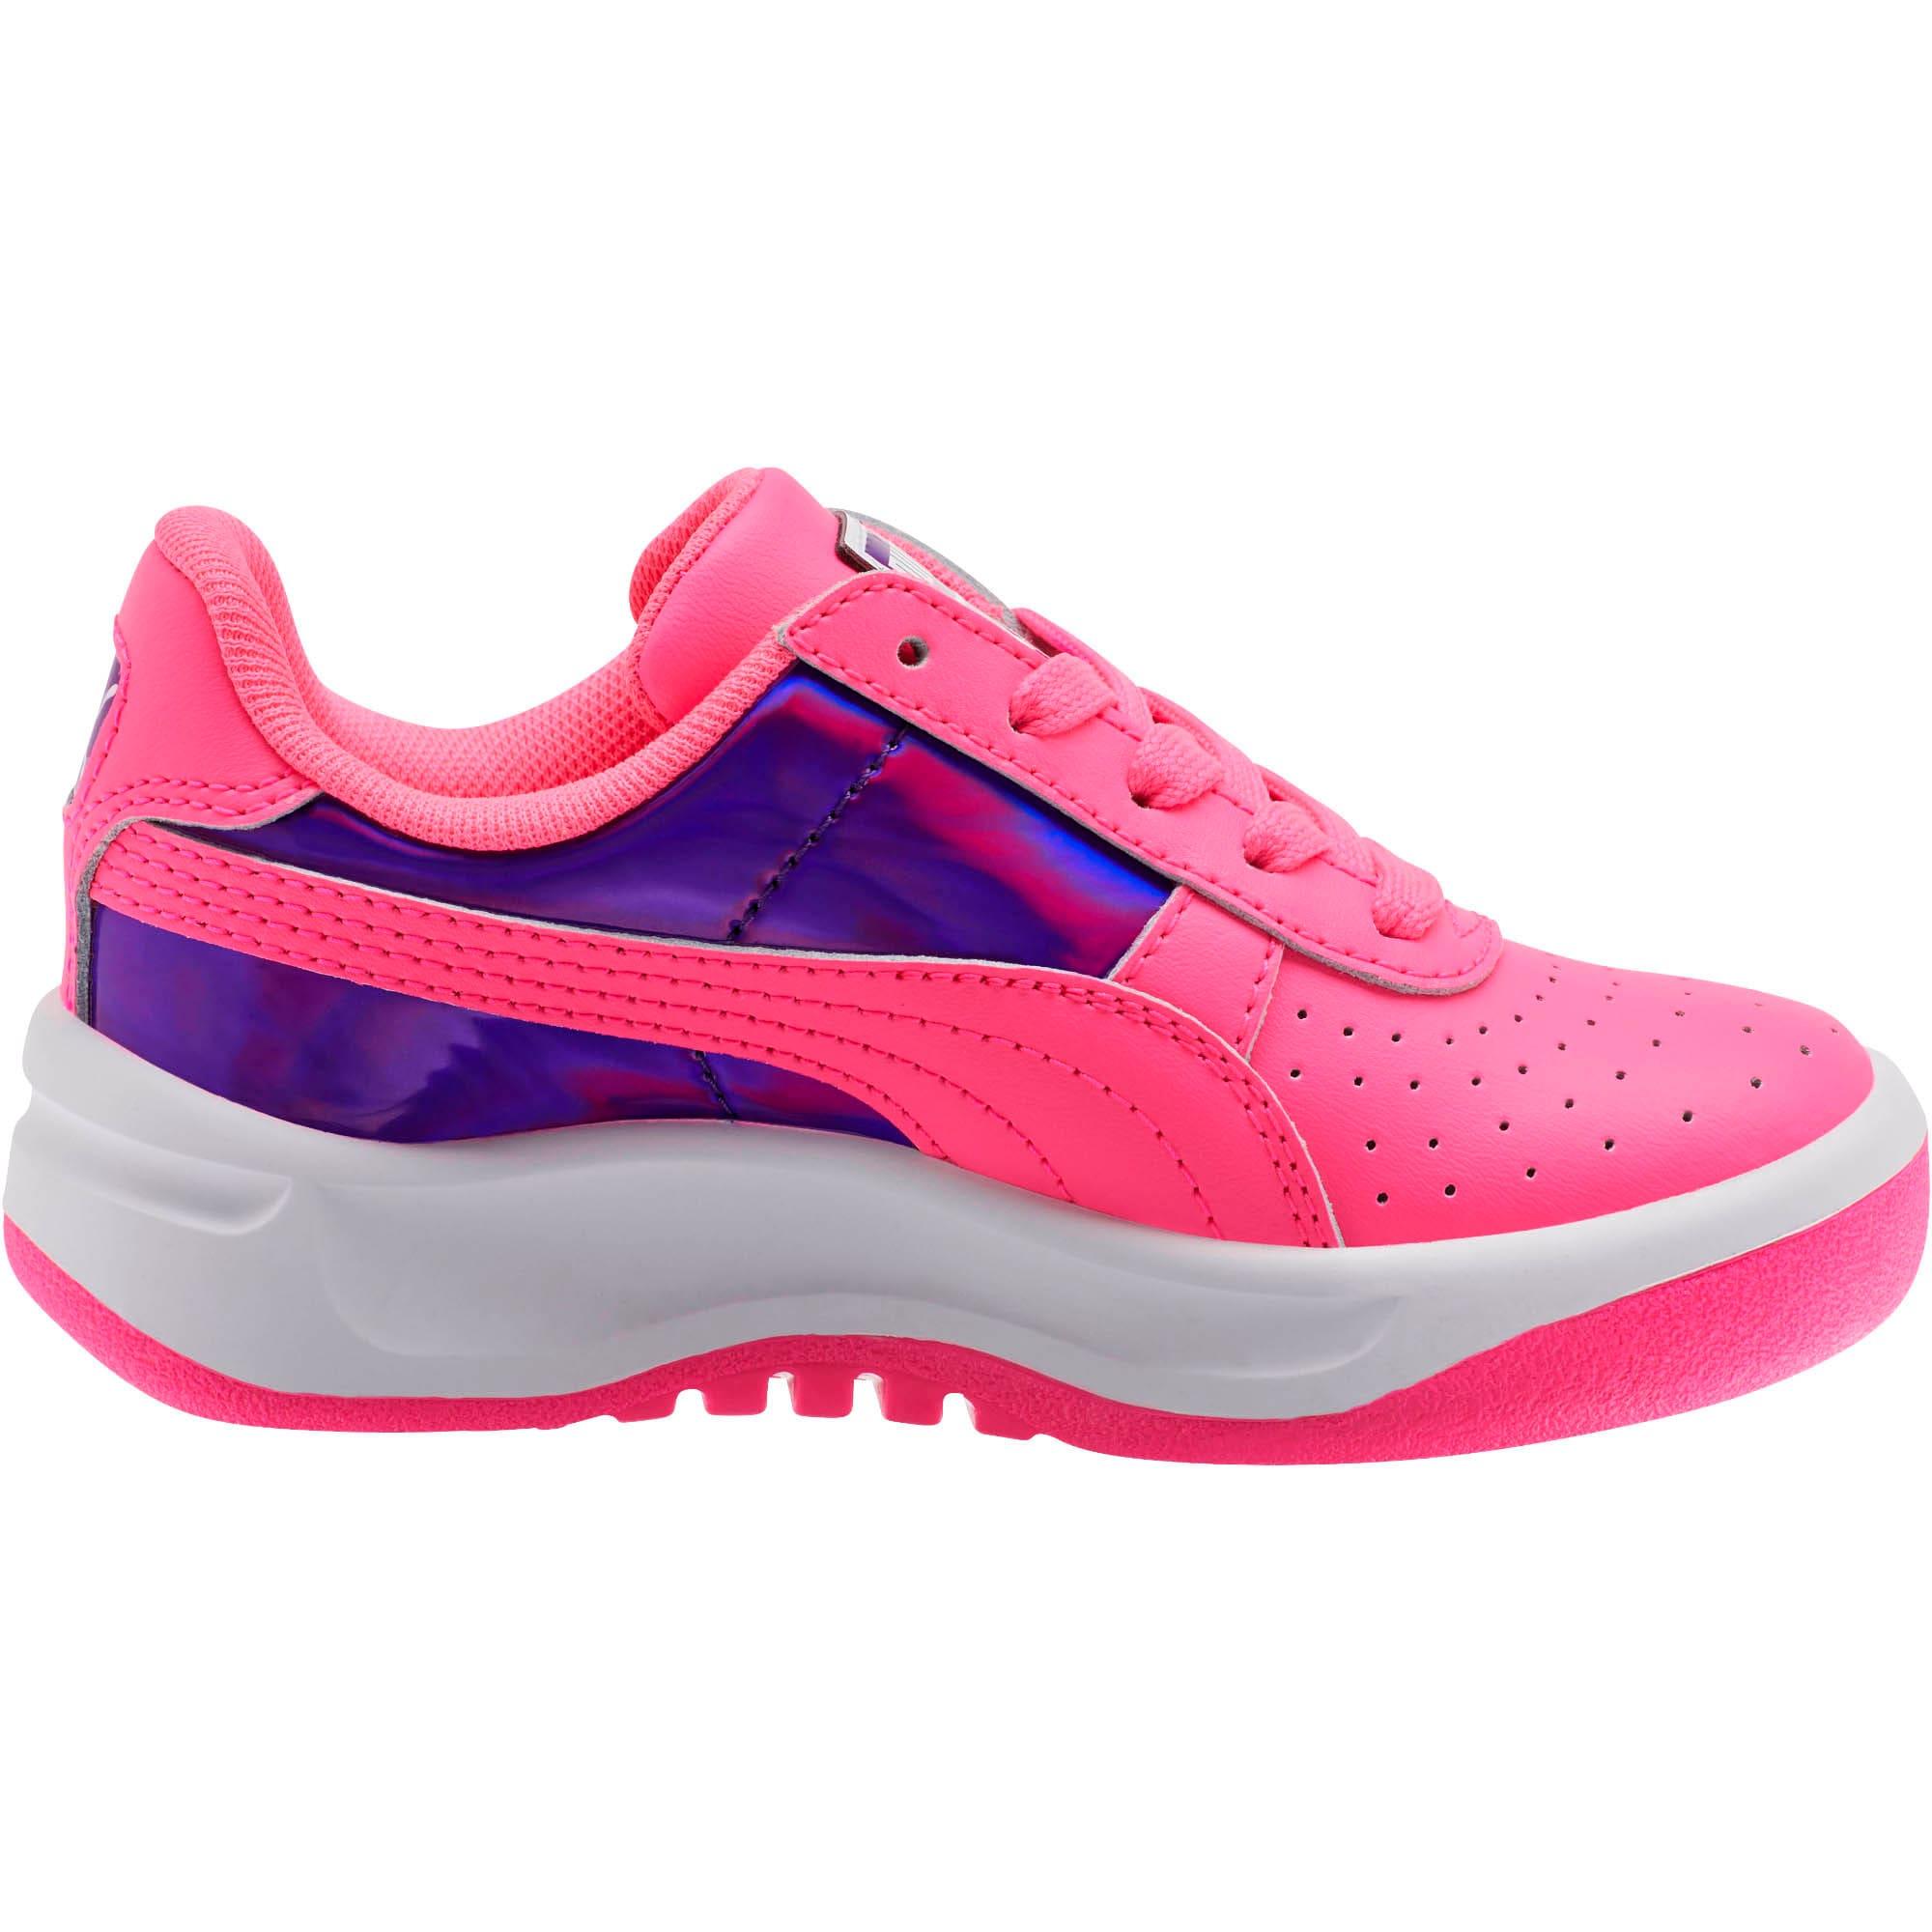 Miniatura 4 de Zapatos GV Special Mirror Metal para niña pequeña, KNOCKOUT PINK-Puma White, mediano